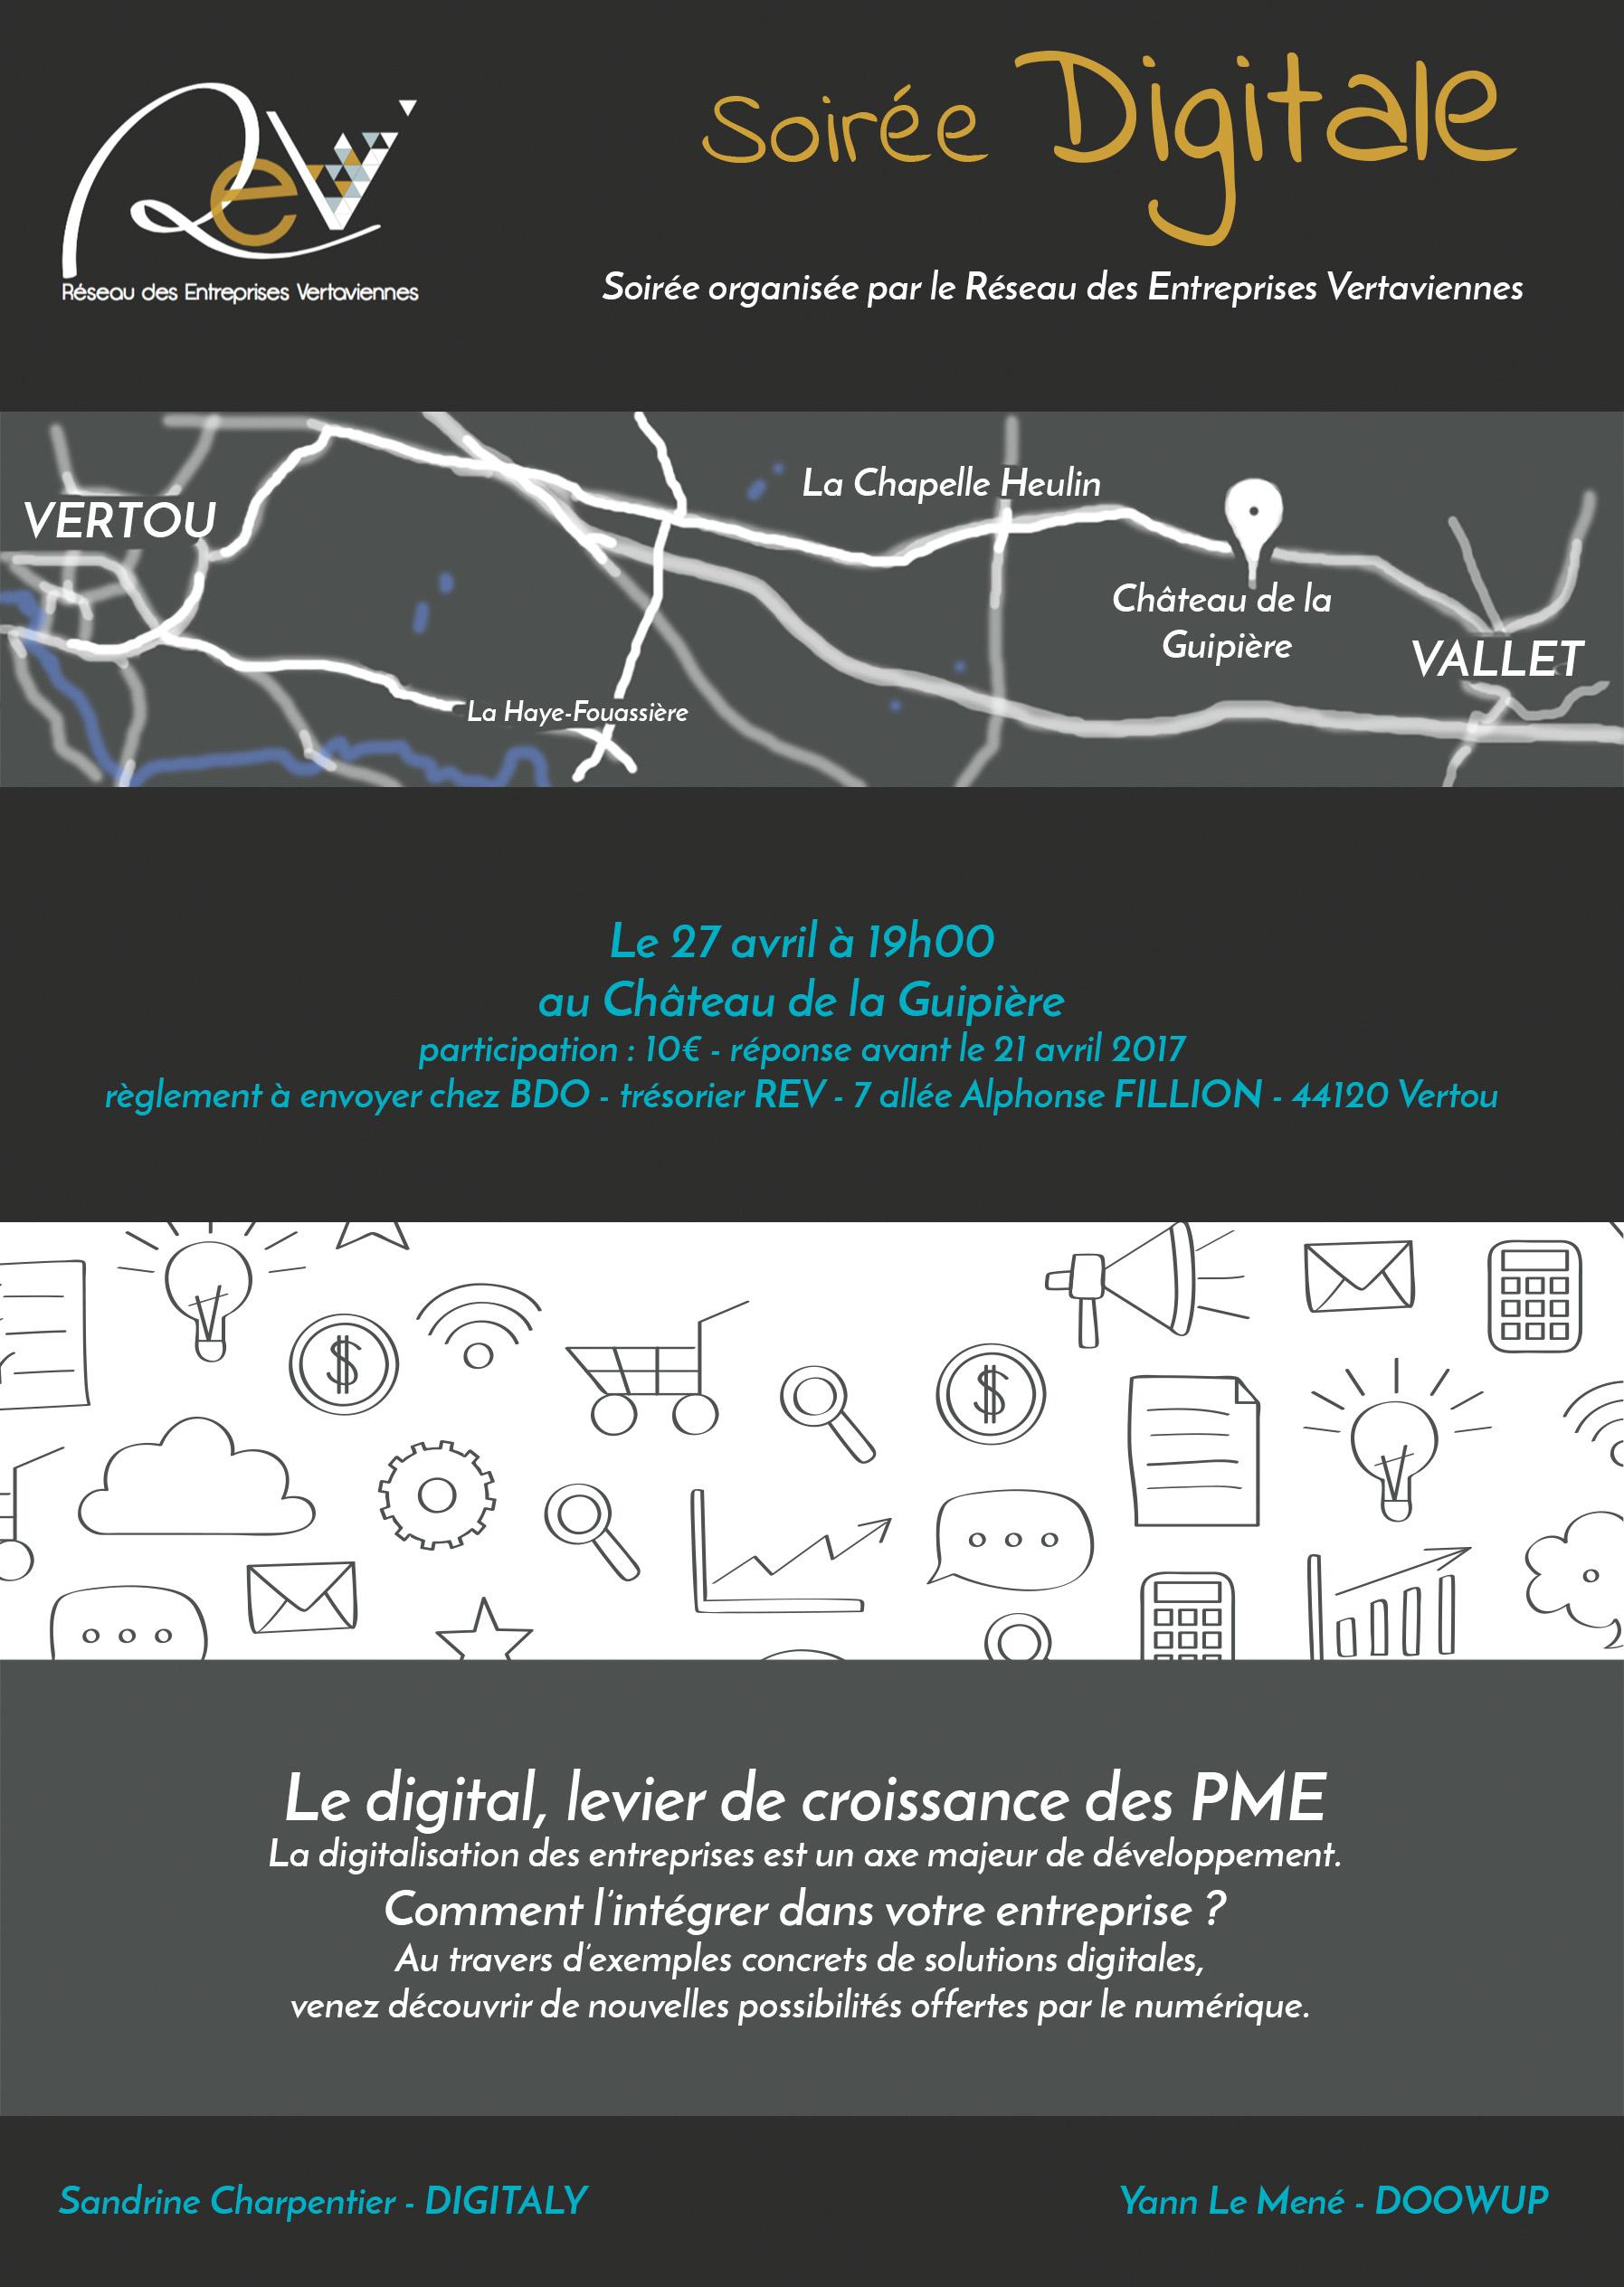 Magnifique INVITATION SOIREE DIGITALE - LE 27 AVRIL A 19H00 - Réseau des #KQ_32